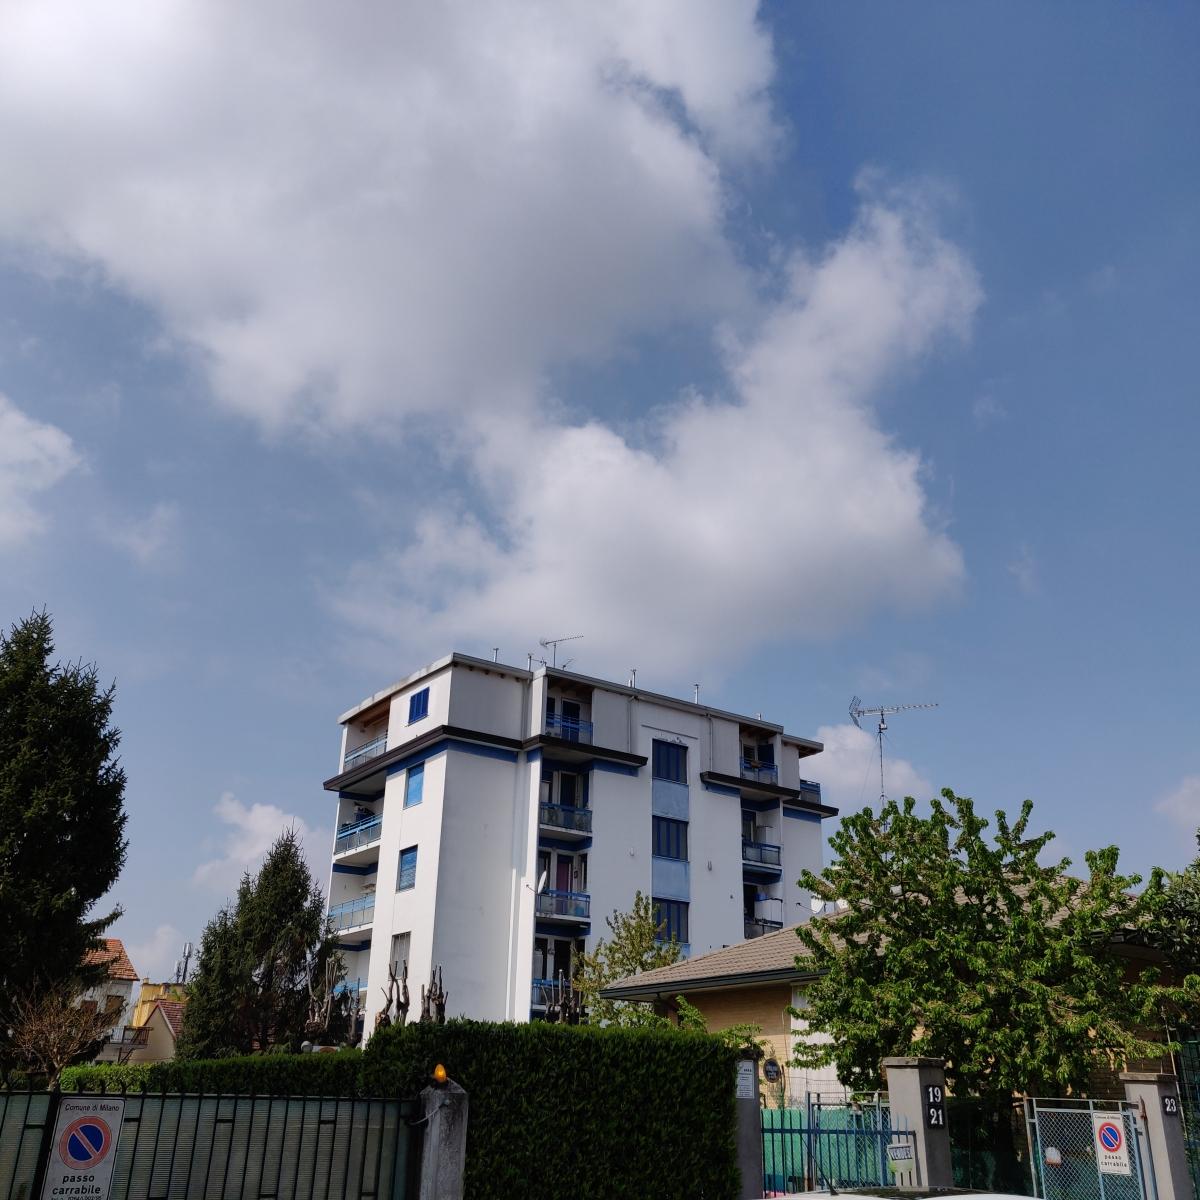 appartamento-in-vendita-via-bisi-milano-baggio-2-locali-bilocale-spaziourbano-immobiliare-vende-15